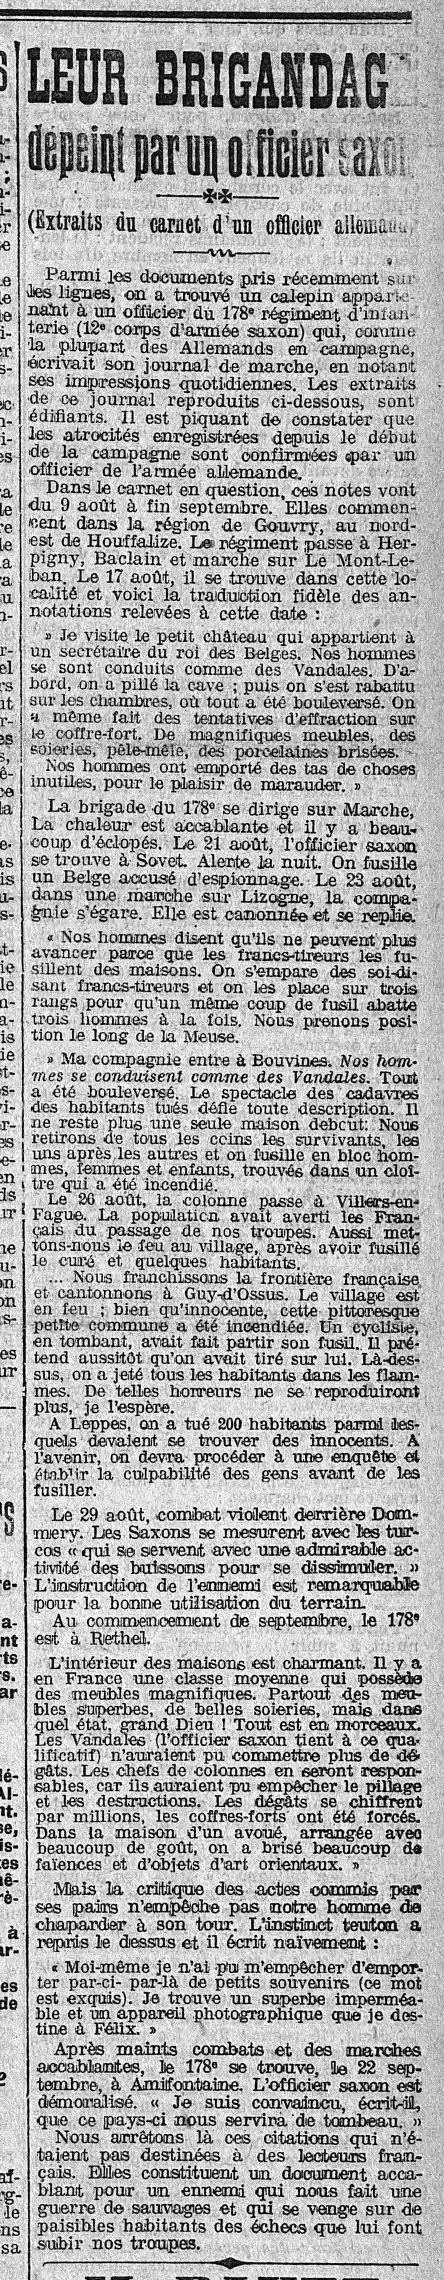 9_octobre_1914.jpg